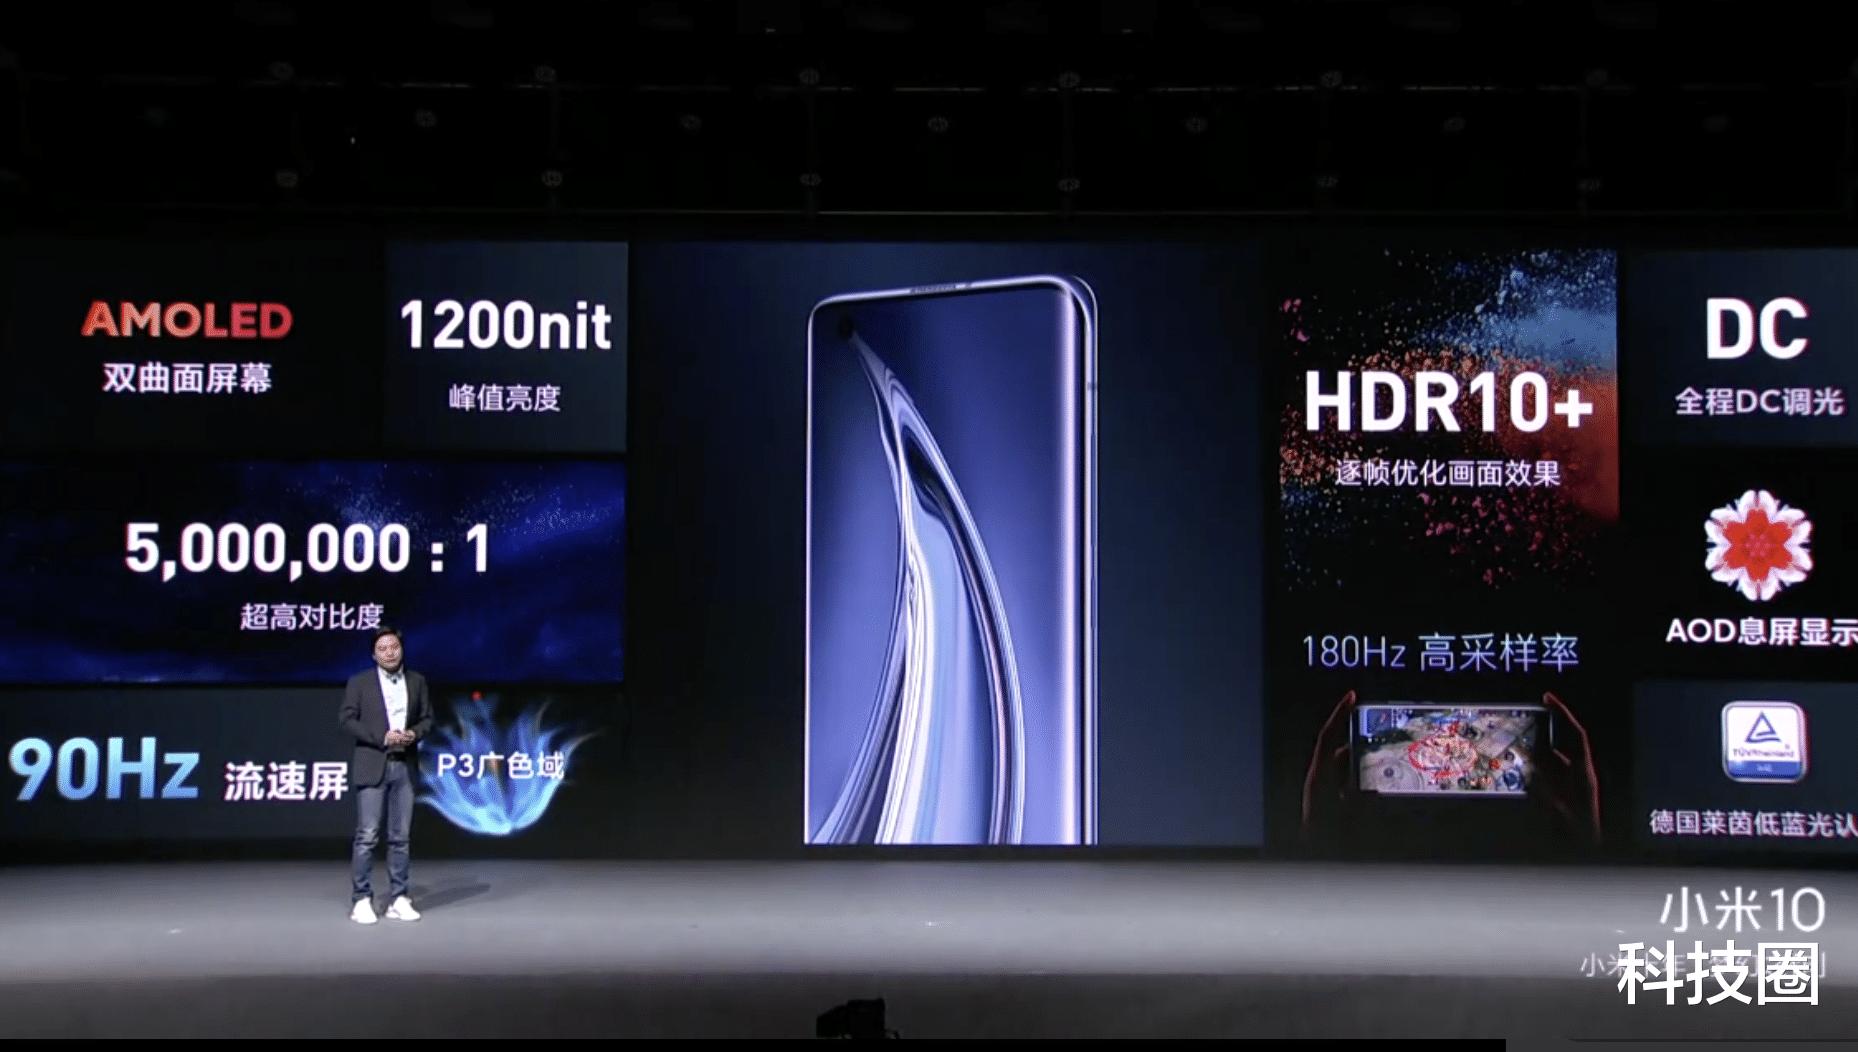 双第一力压苹果华为,投入10亿研发的小米10 Pro售价4999起